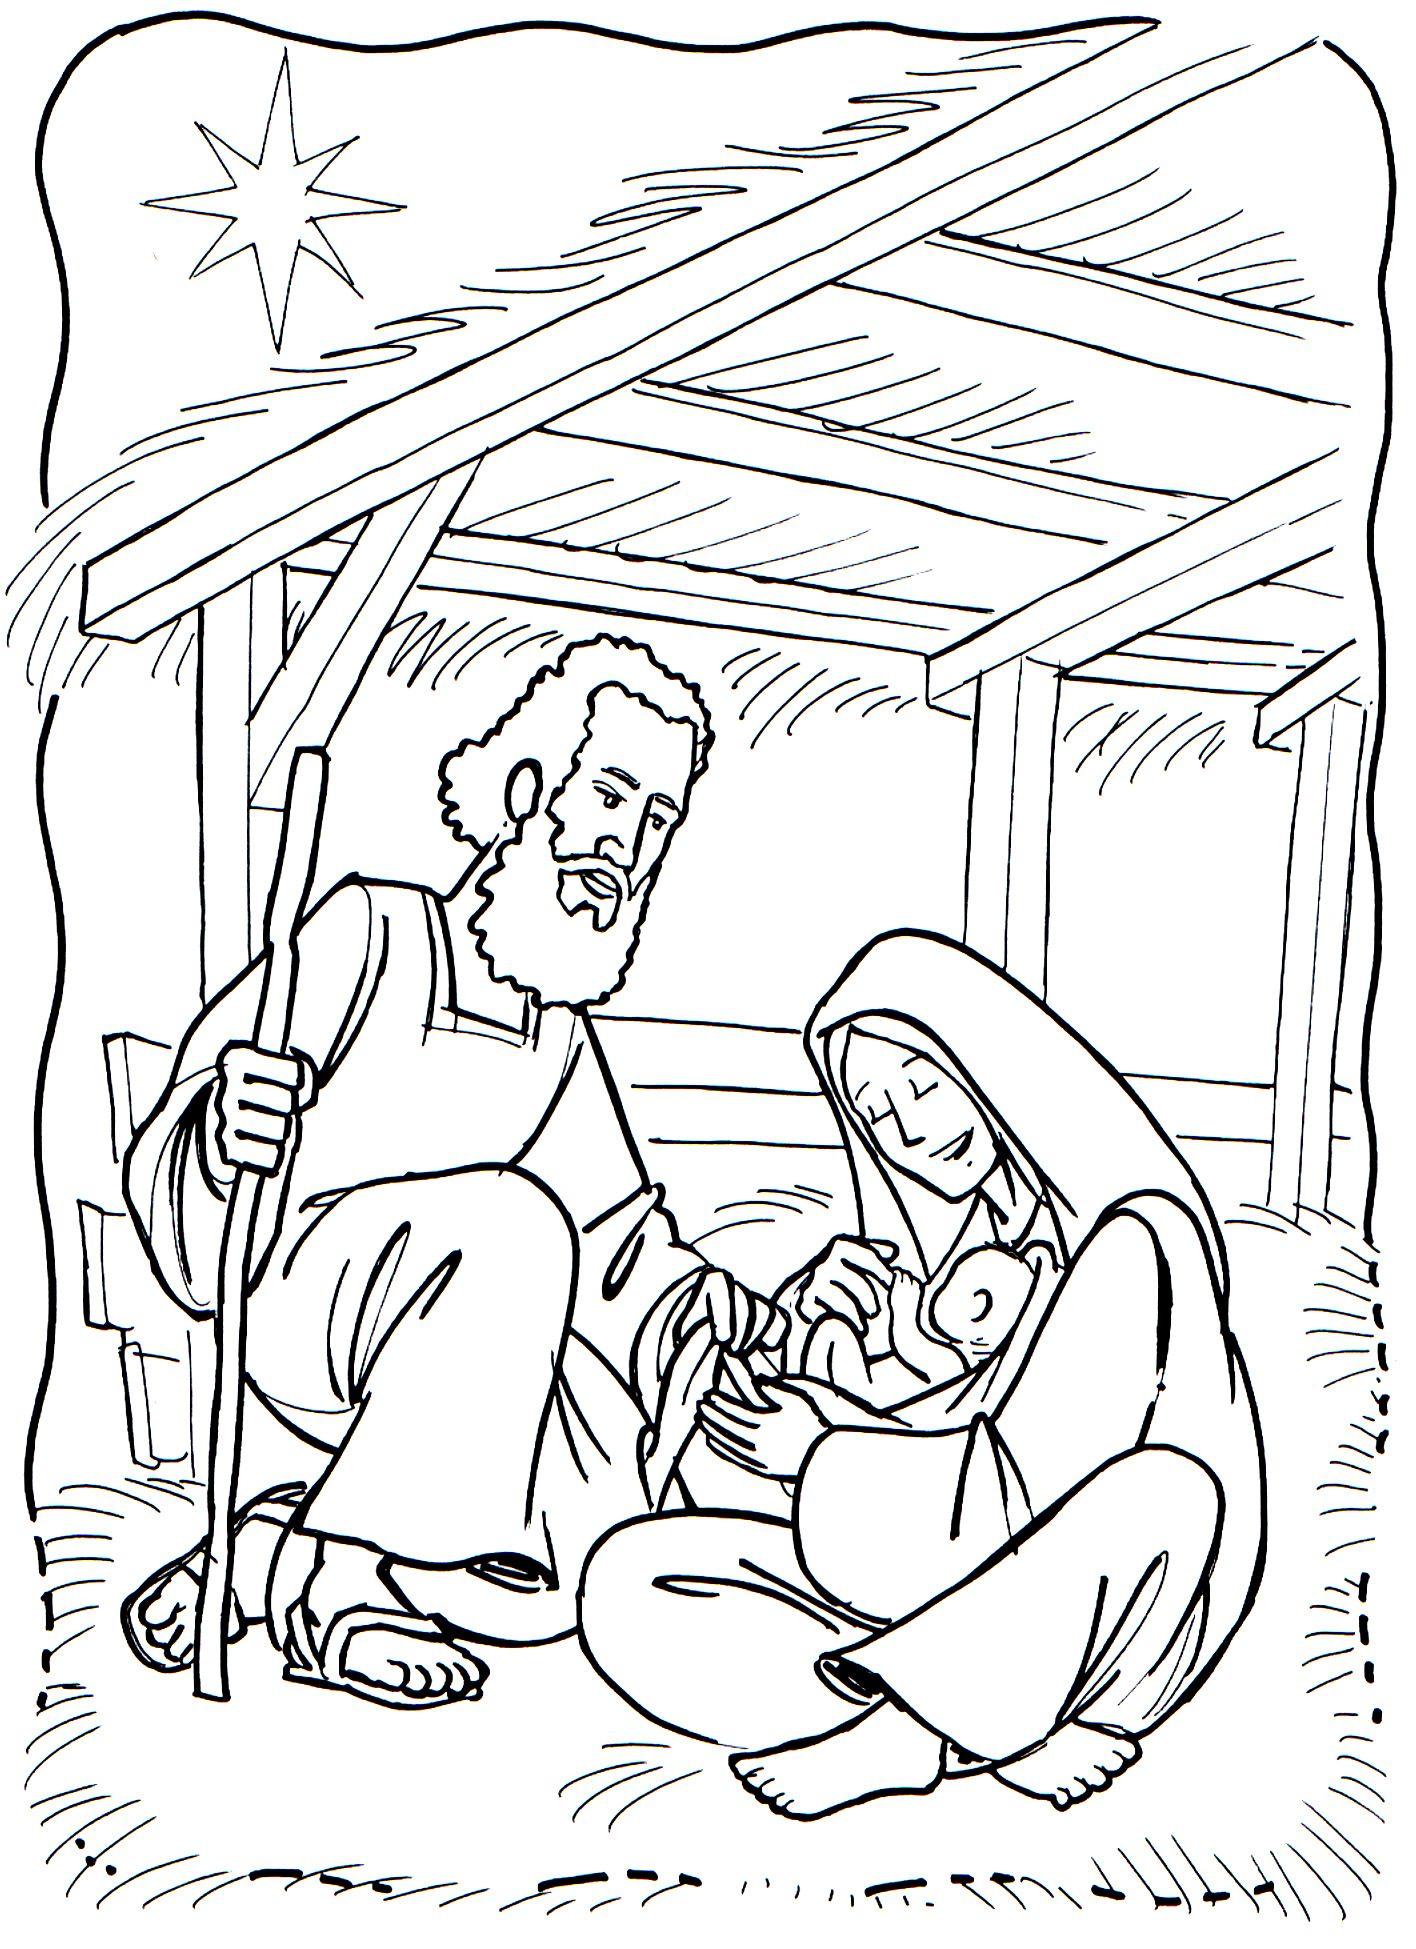 jozef en jezus kleurplaat voor kleuters colorear